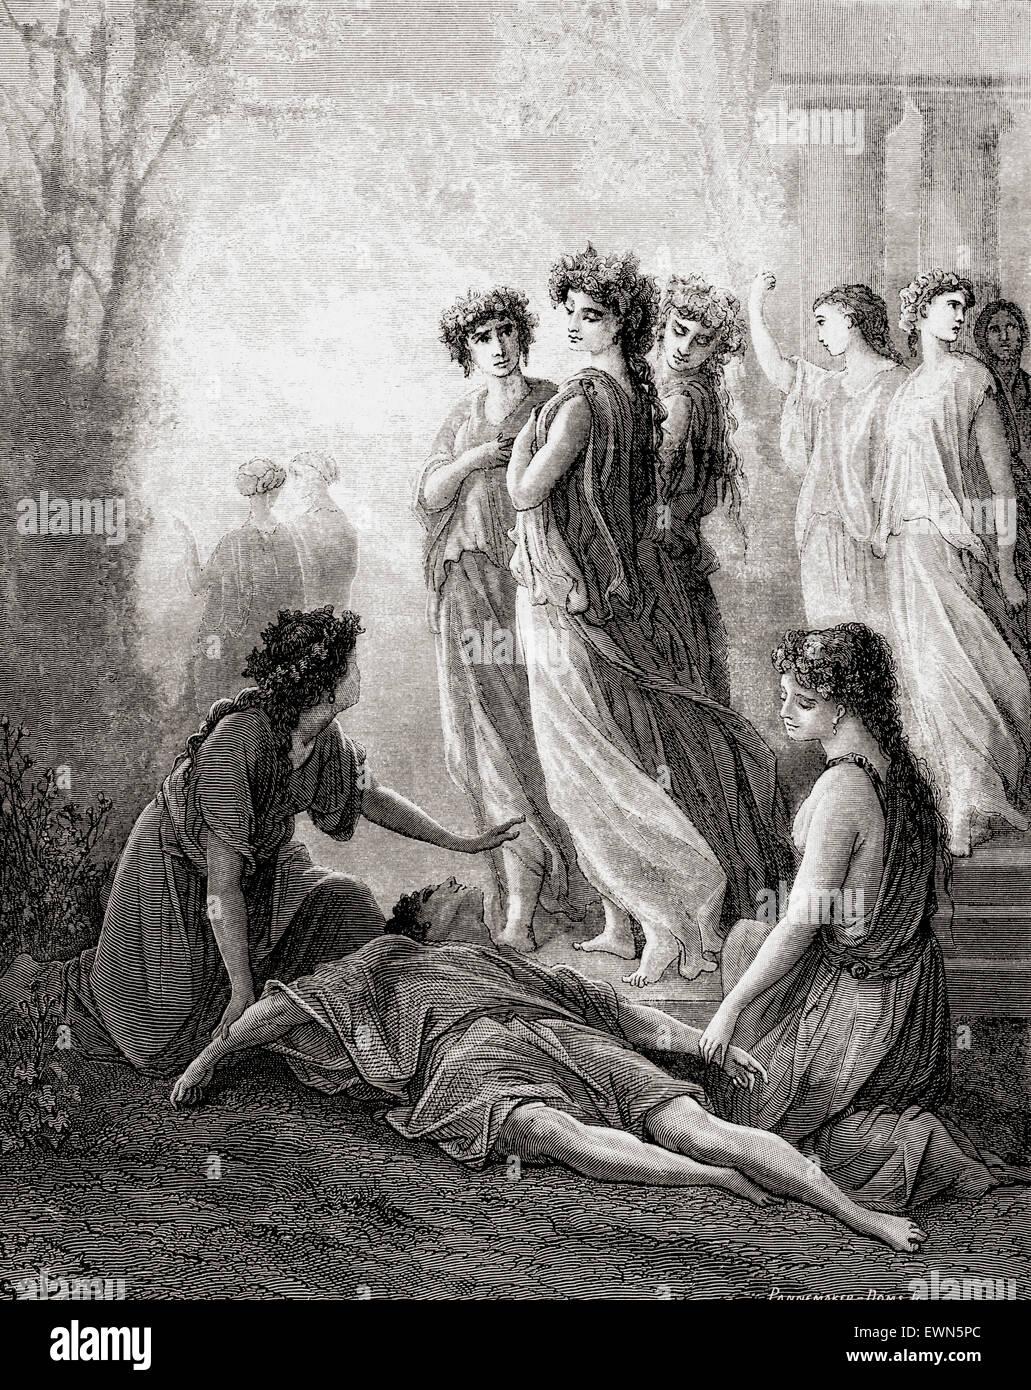 Gustave Doré's illustration of La Fontaine's fable Daphnis et Alcimadure. - Stock Image